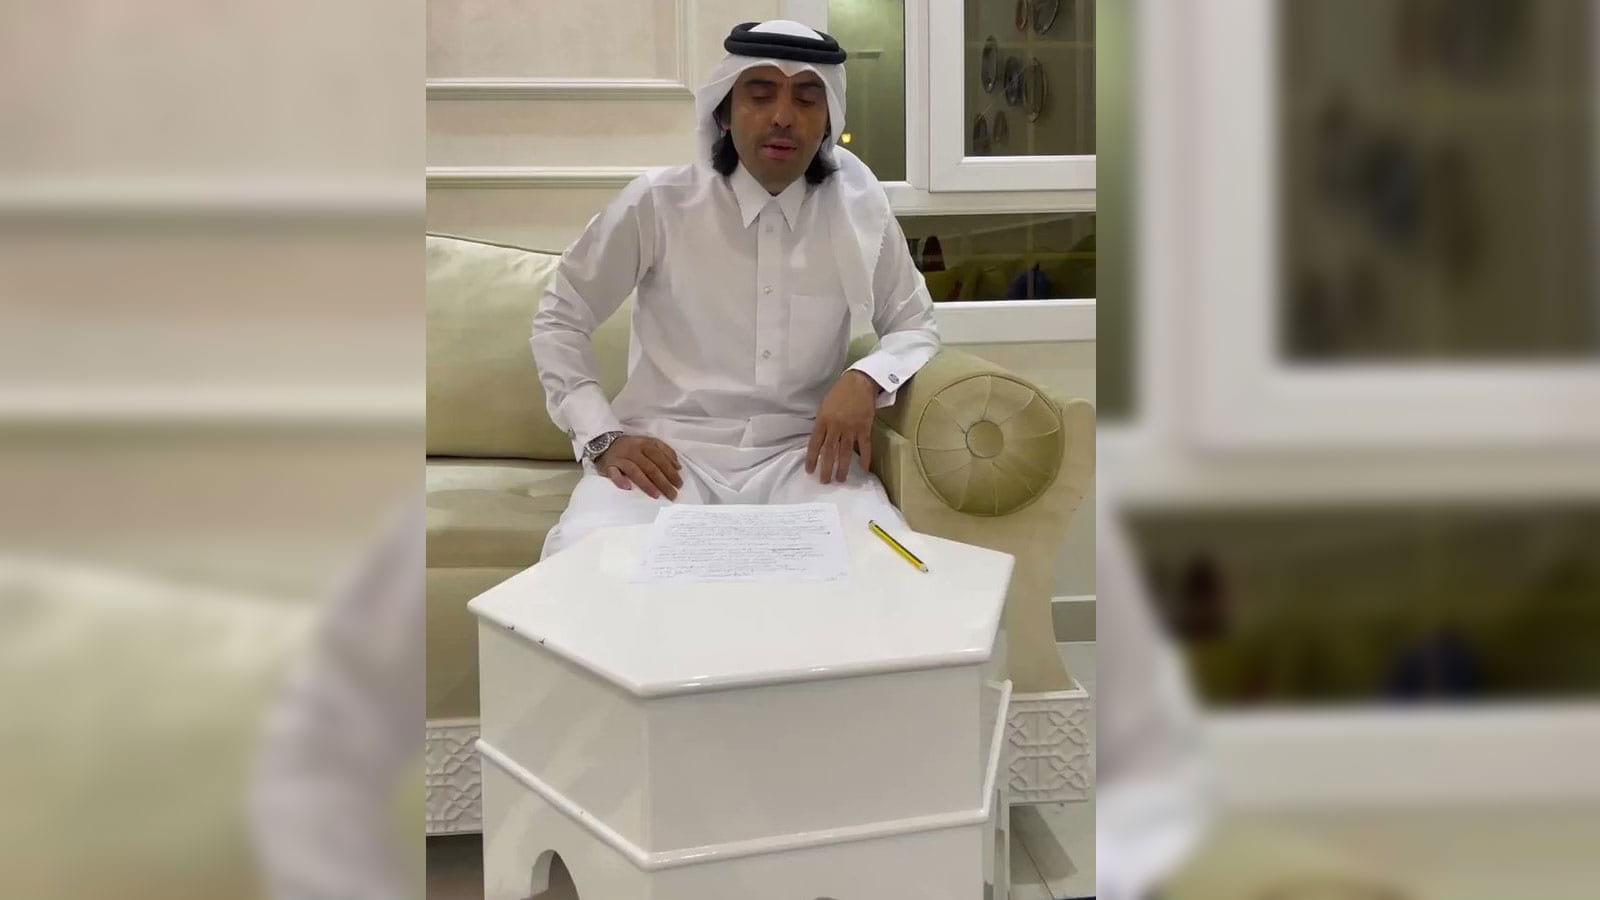 """شيخة قطرية تعلق على أزمة هزاع المري وانتخابات الشورى: """"نحن لسنا في غابة"""""""